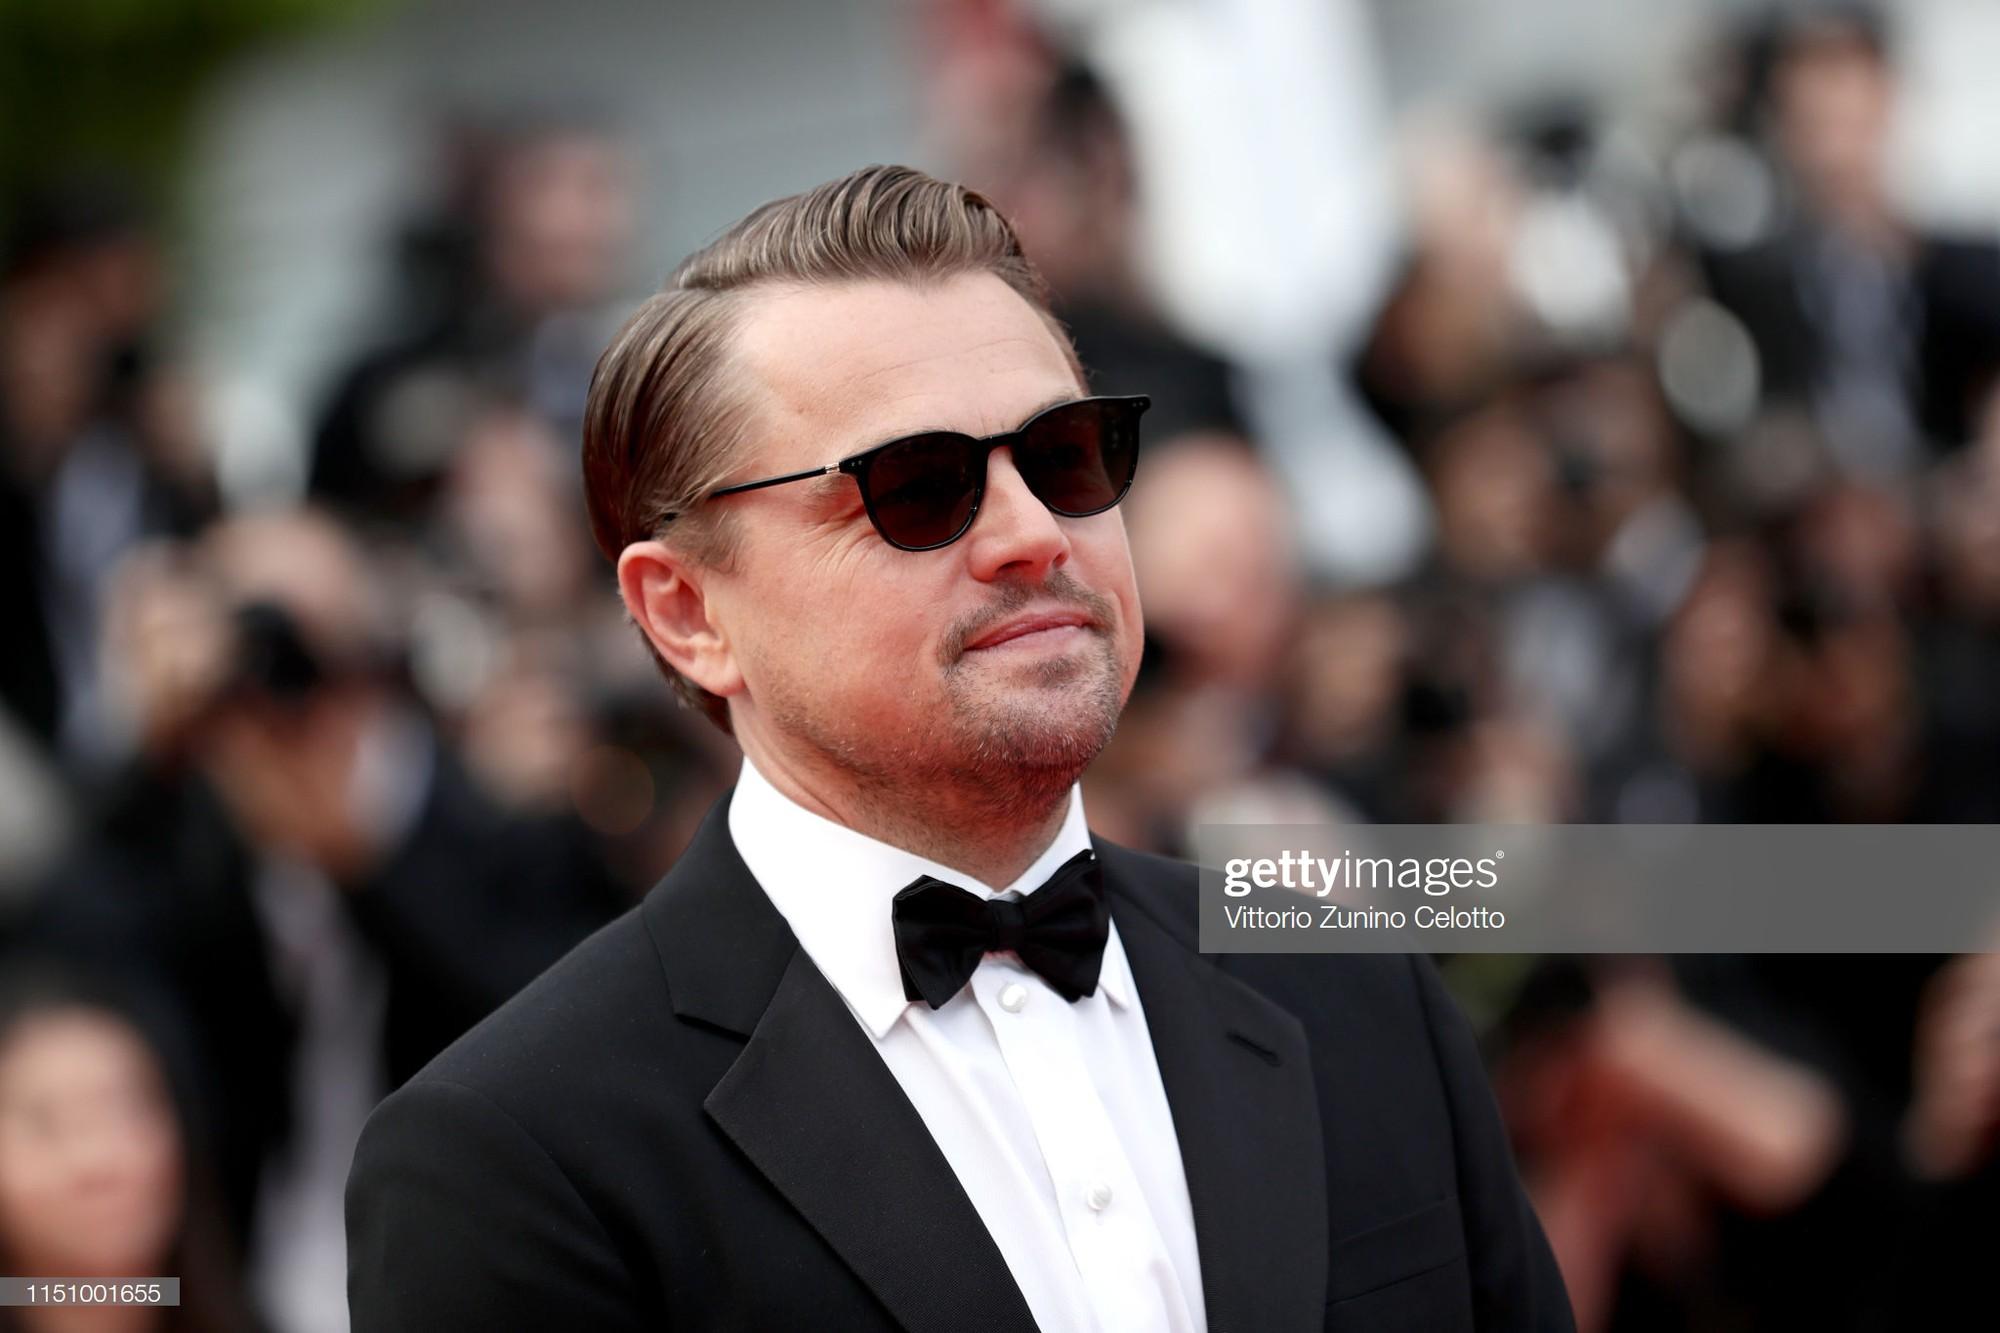 Cannes ngày 8: Mỹ nhân Ý khoe vòng 1 nhức mắt, dàn người mẫu Hollywood tung chiêu hết cỡ tại thảm đỏ - Ảnh 1.